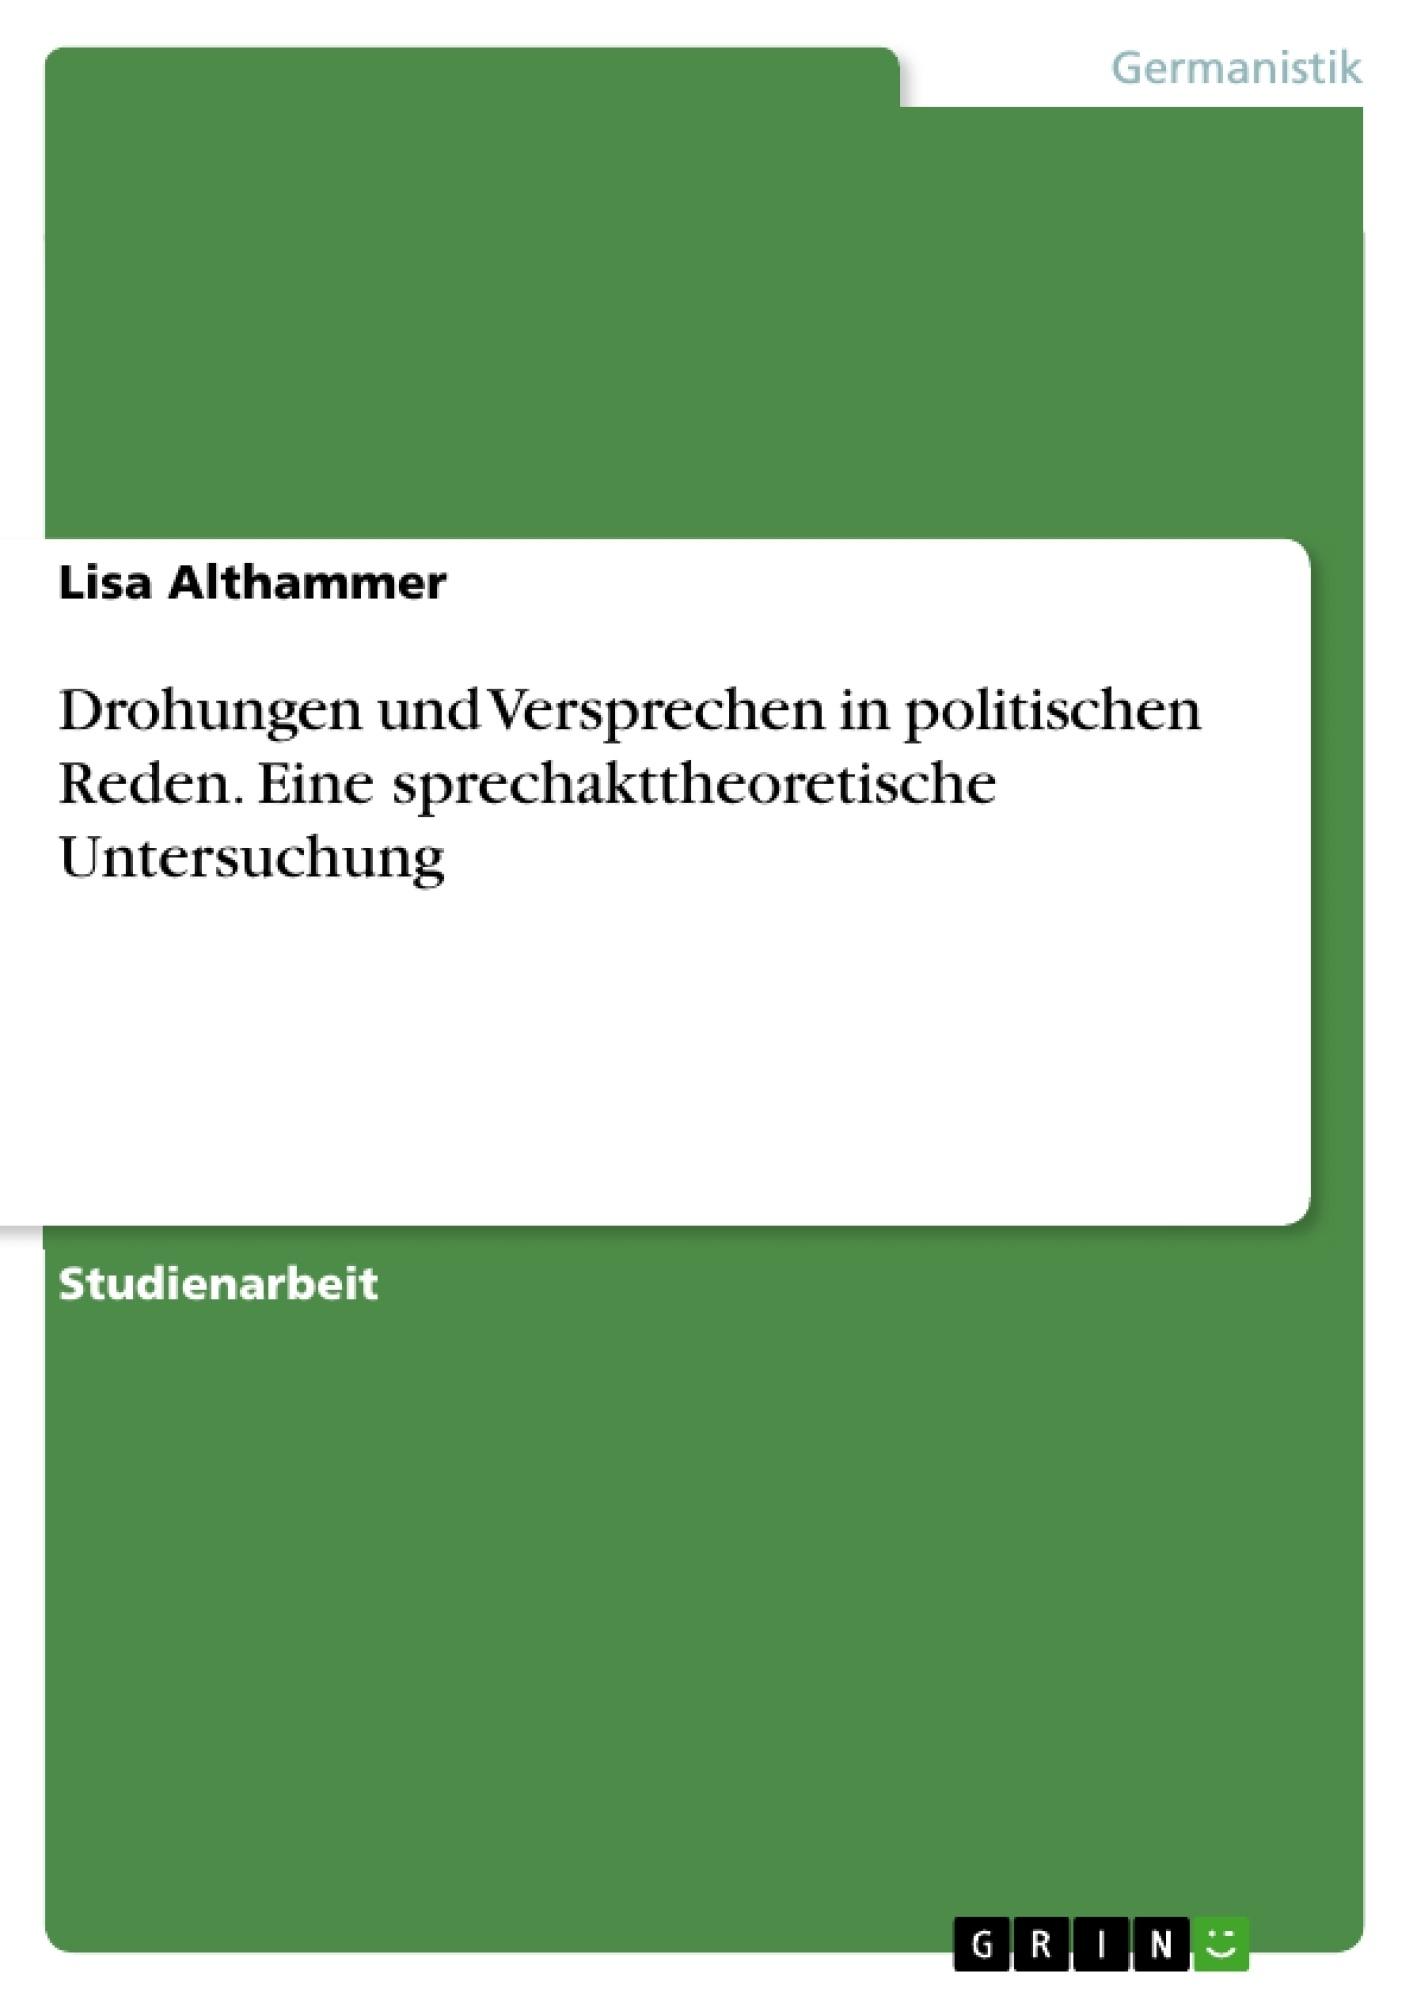 Titel: Drohungen und Versprechen in politischen Reden. Eine sprechakttheoretische Untersuchung